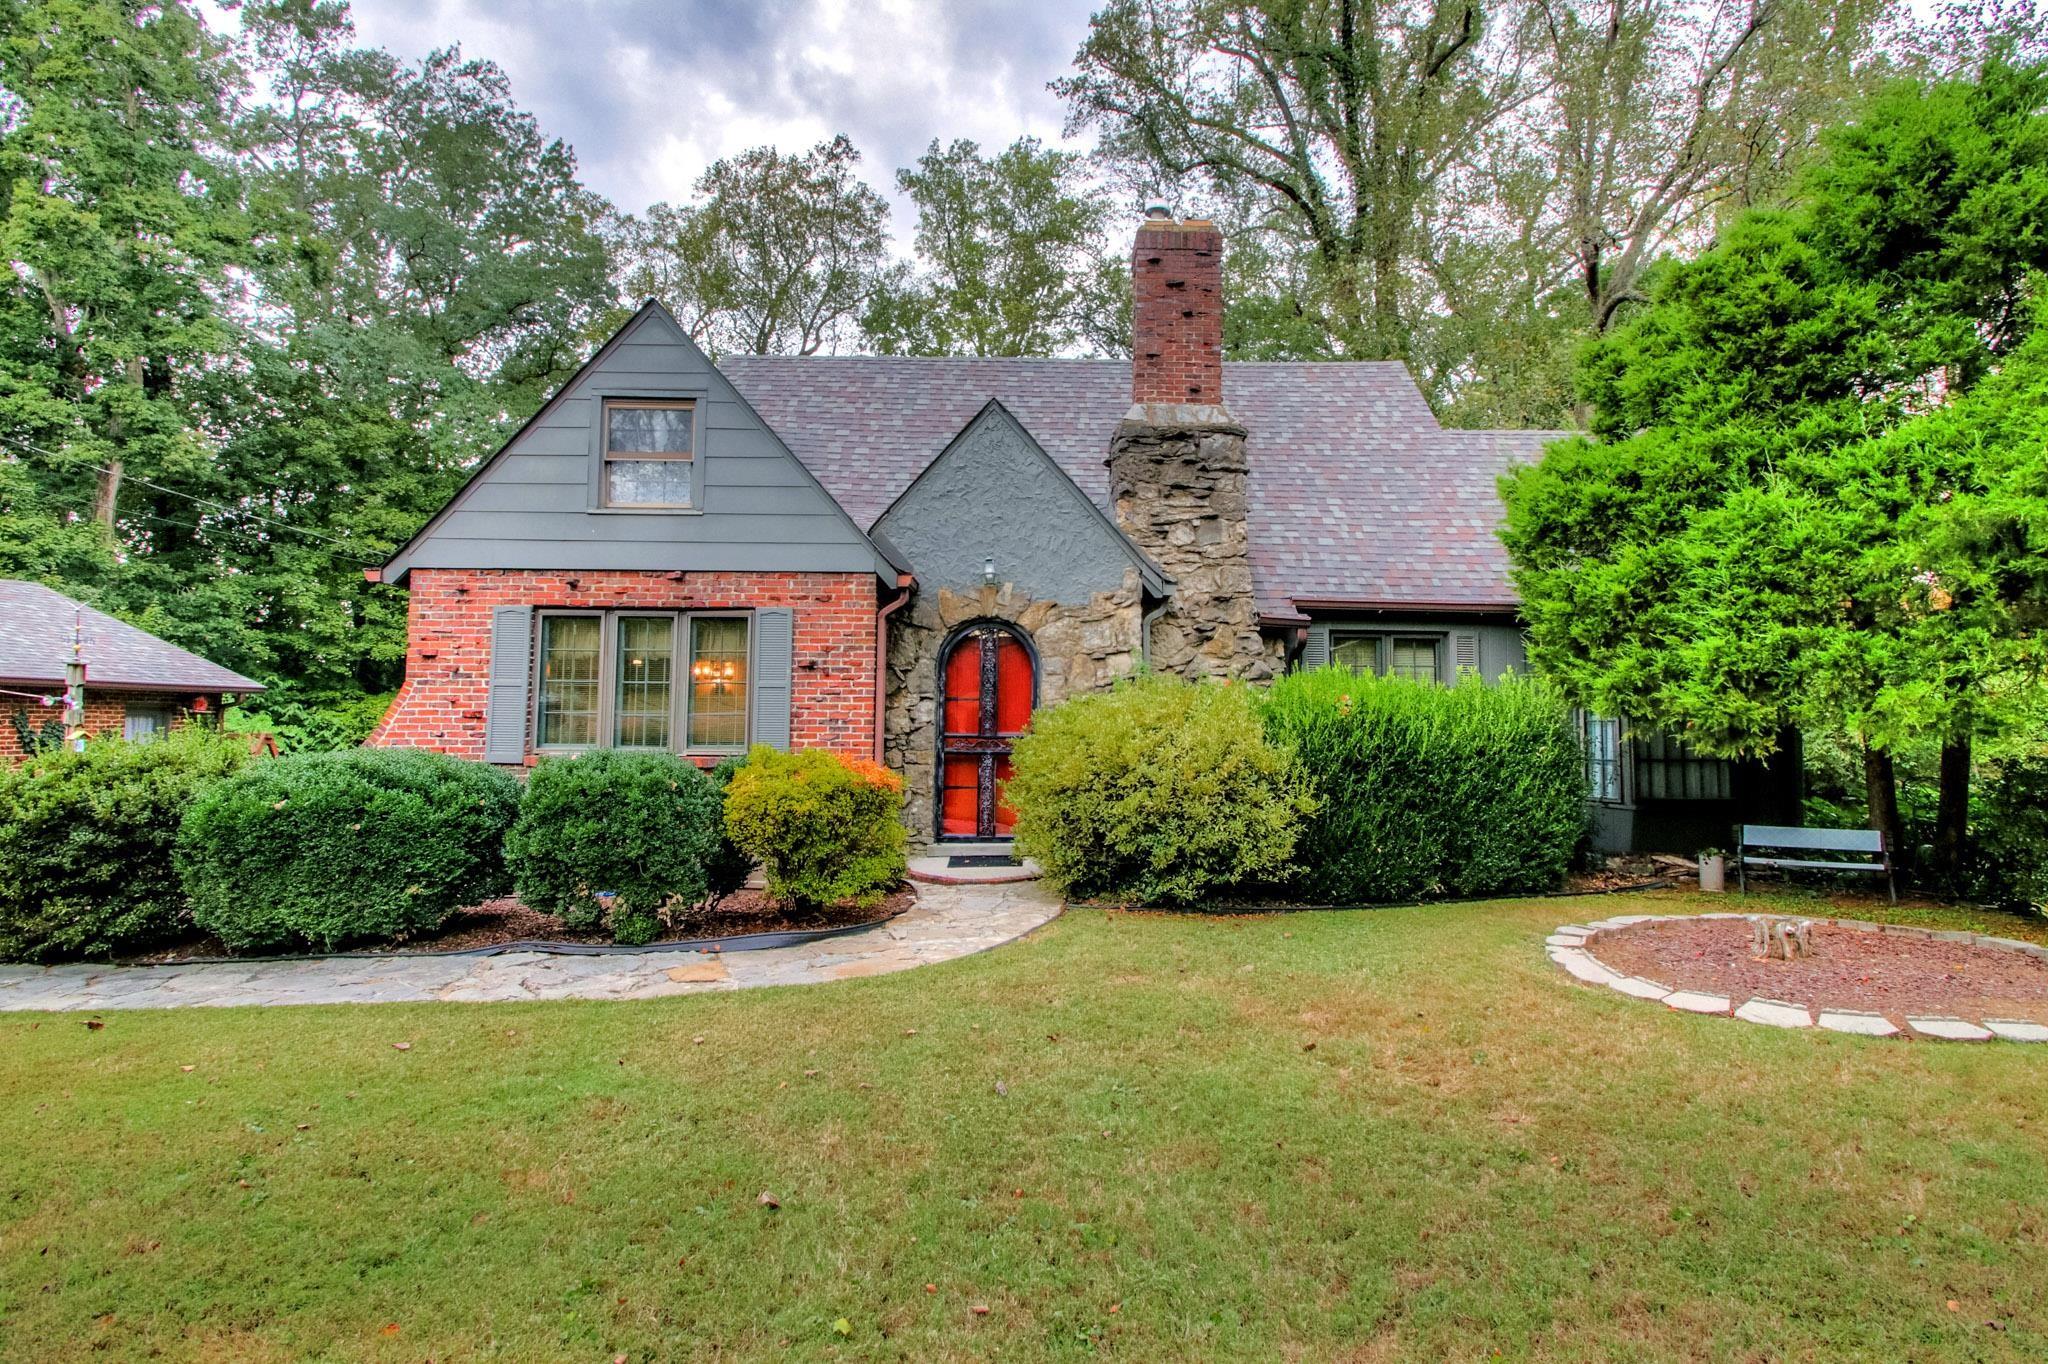 120 Spring Valley Rd, Nashville, TN 37214 - Nashville, TN real estate listing